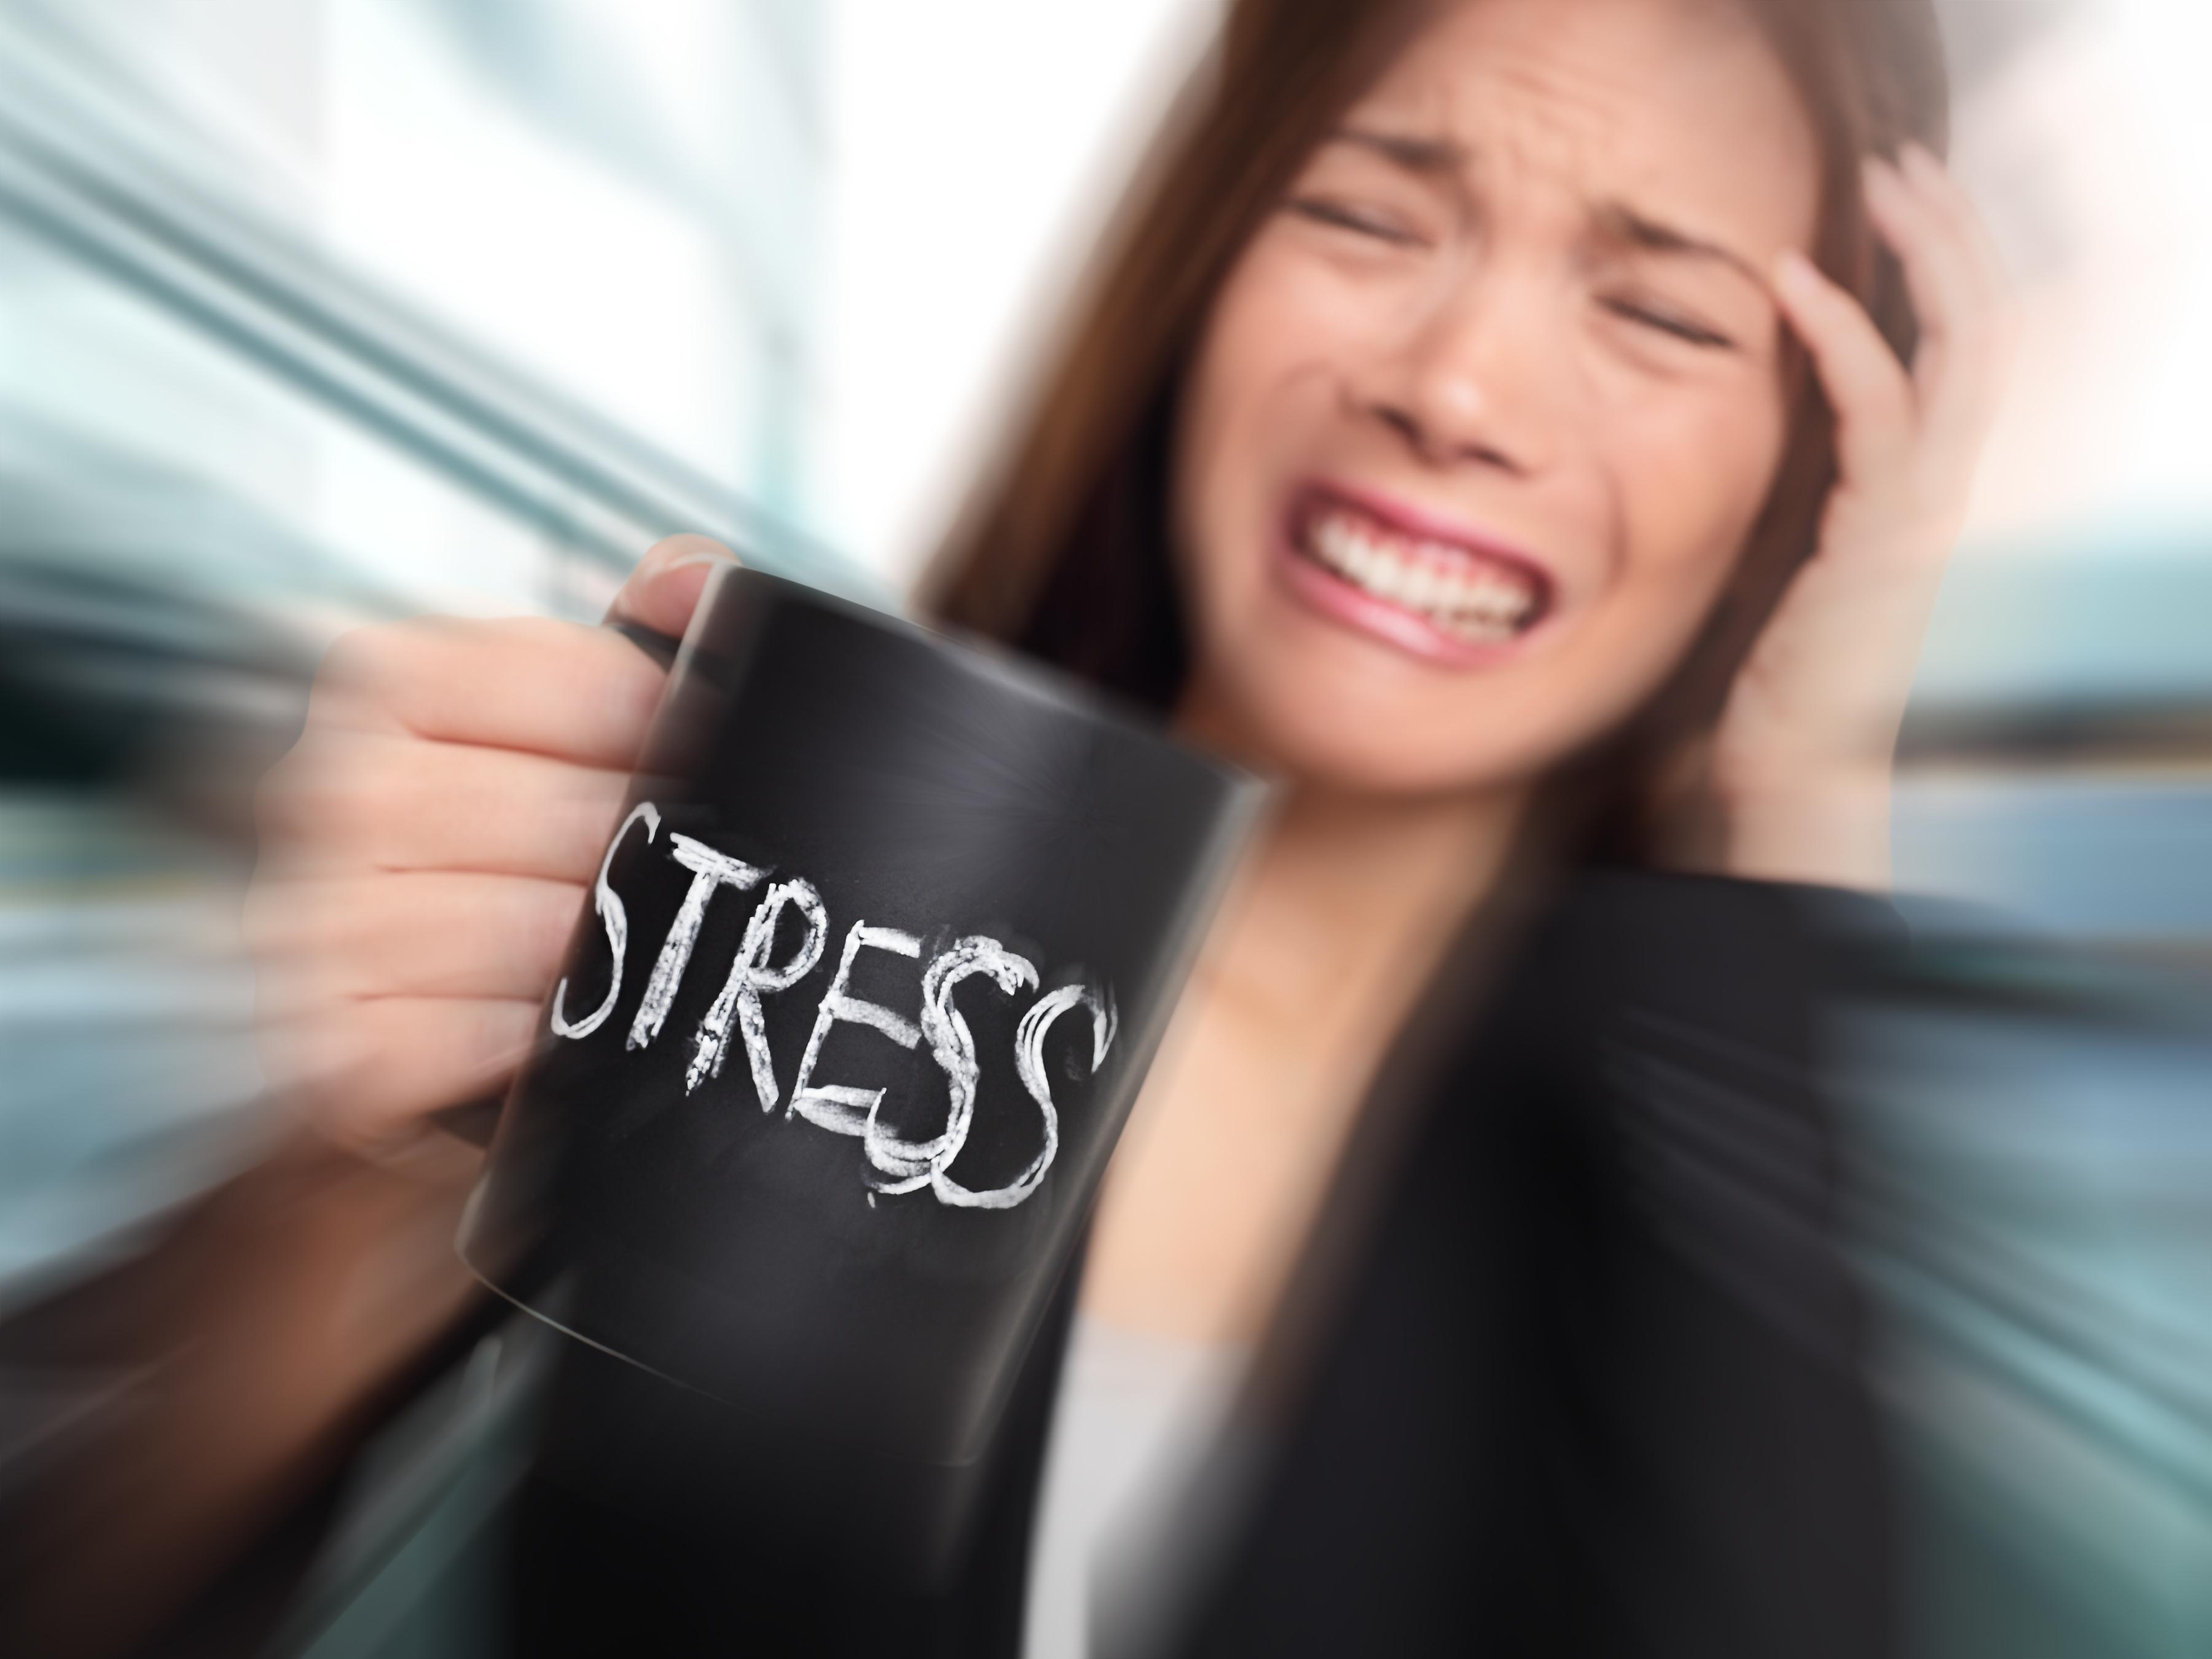 EXECUTIVE STRESS